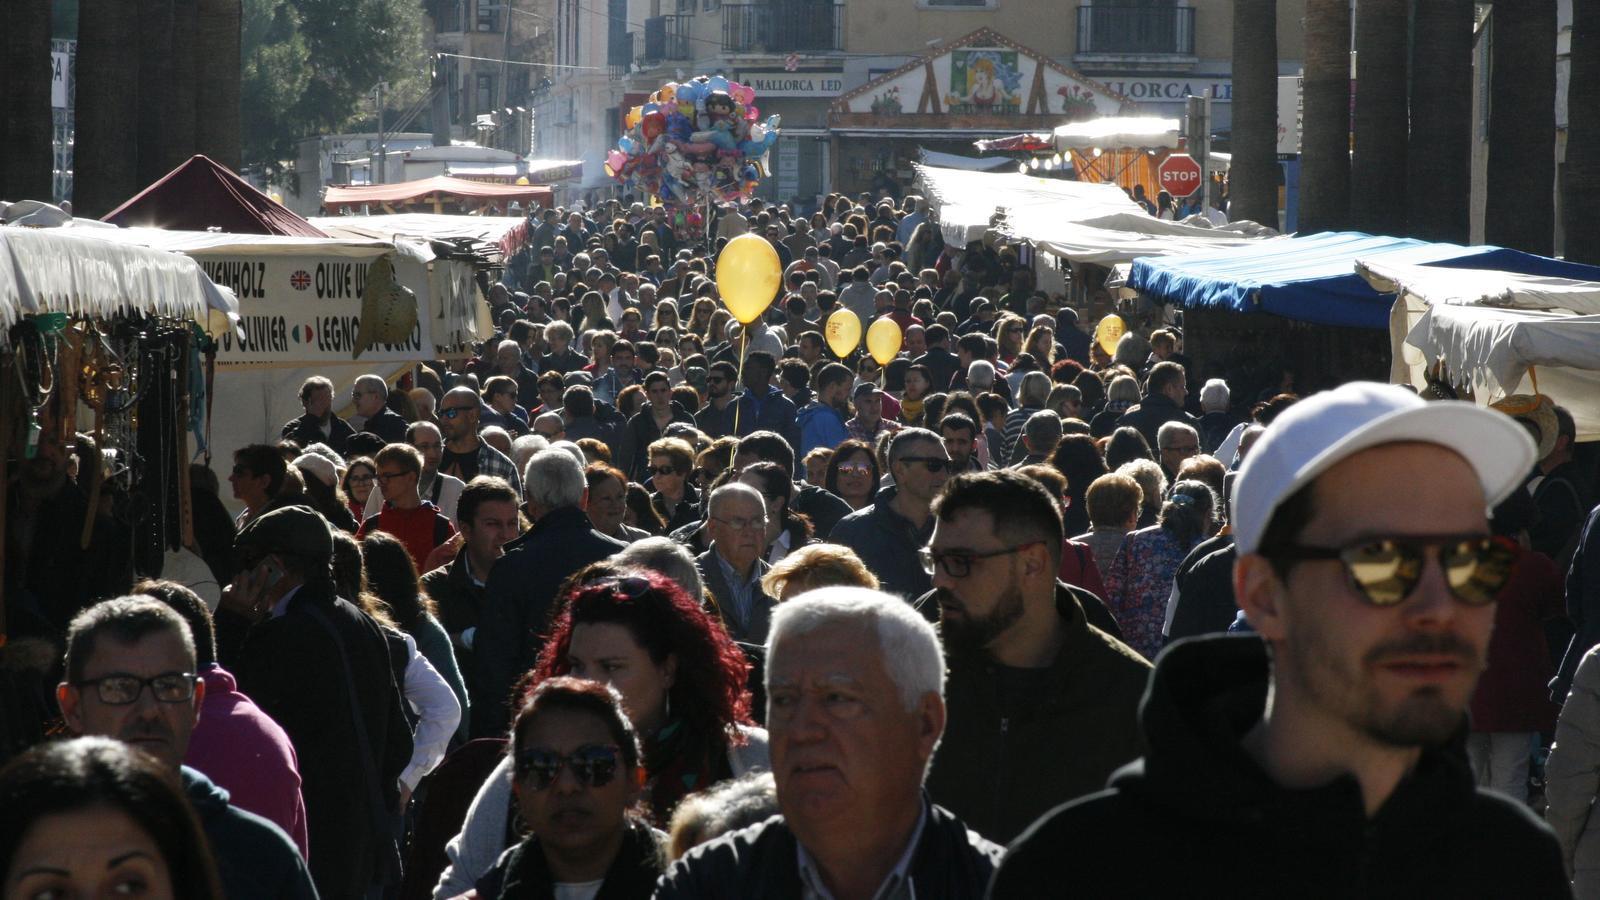 Al migdia, tots els carrers del centre de la ciutat estaven col·lapsats de gent.